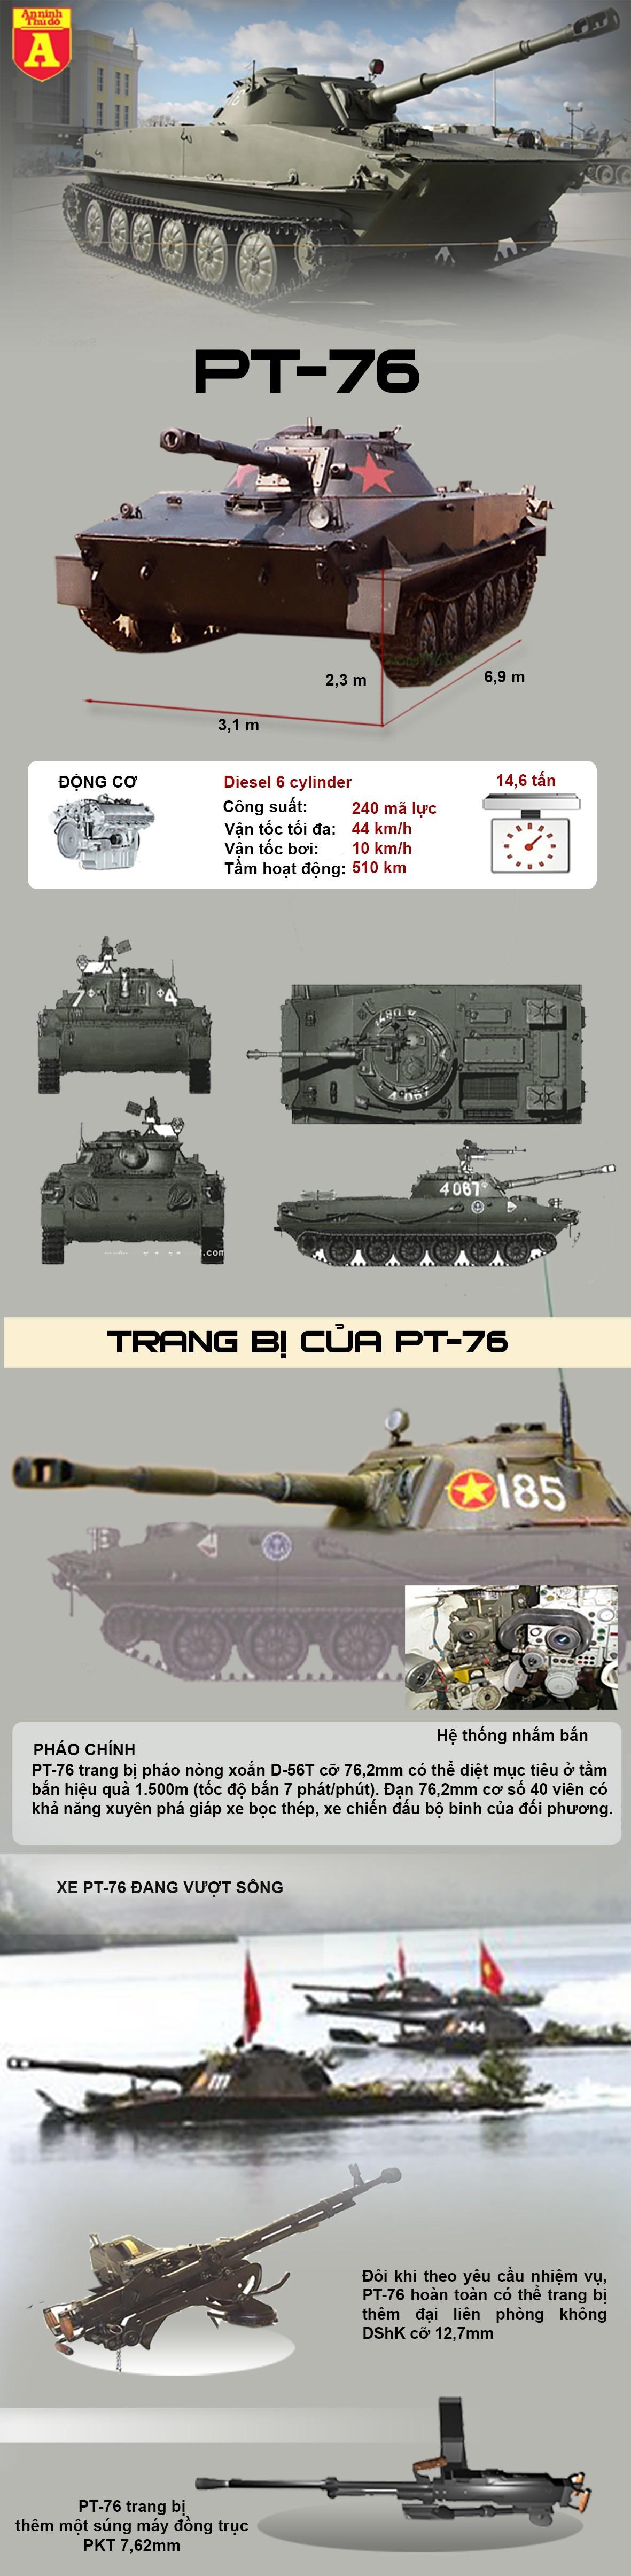 Hải quân Việt Nam biến 'trâu nước' PT-76 thành lô cốt phòng thủ đảo